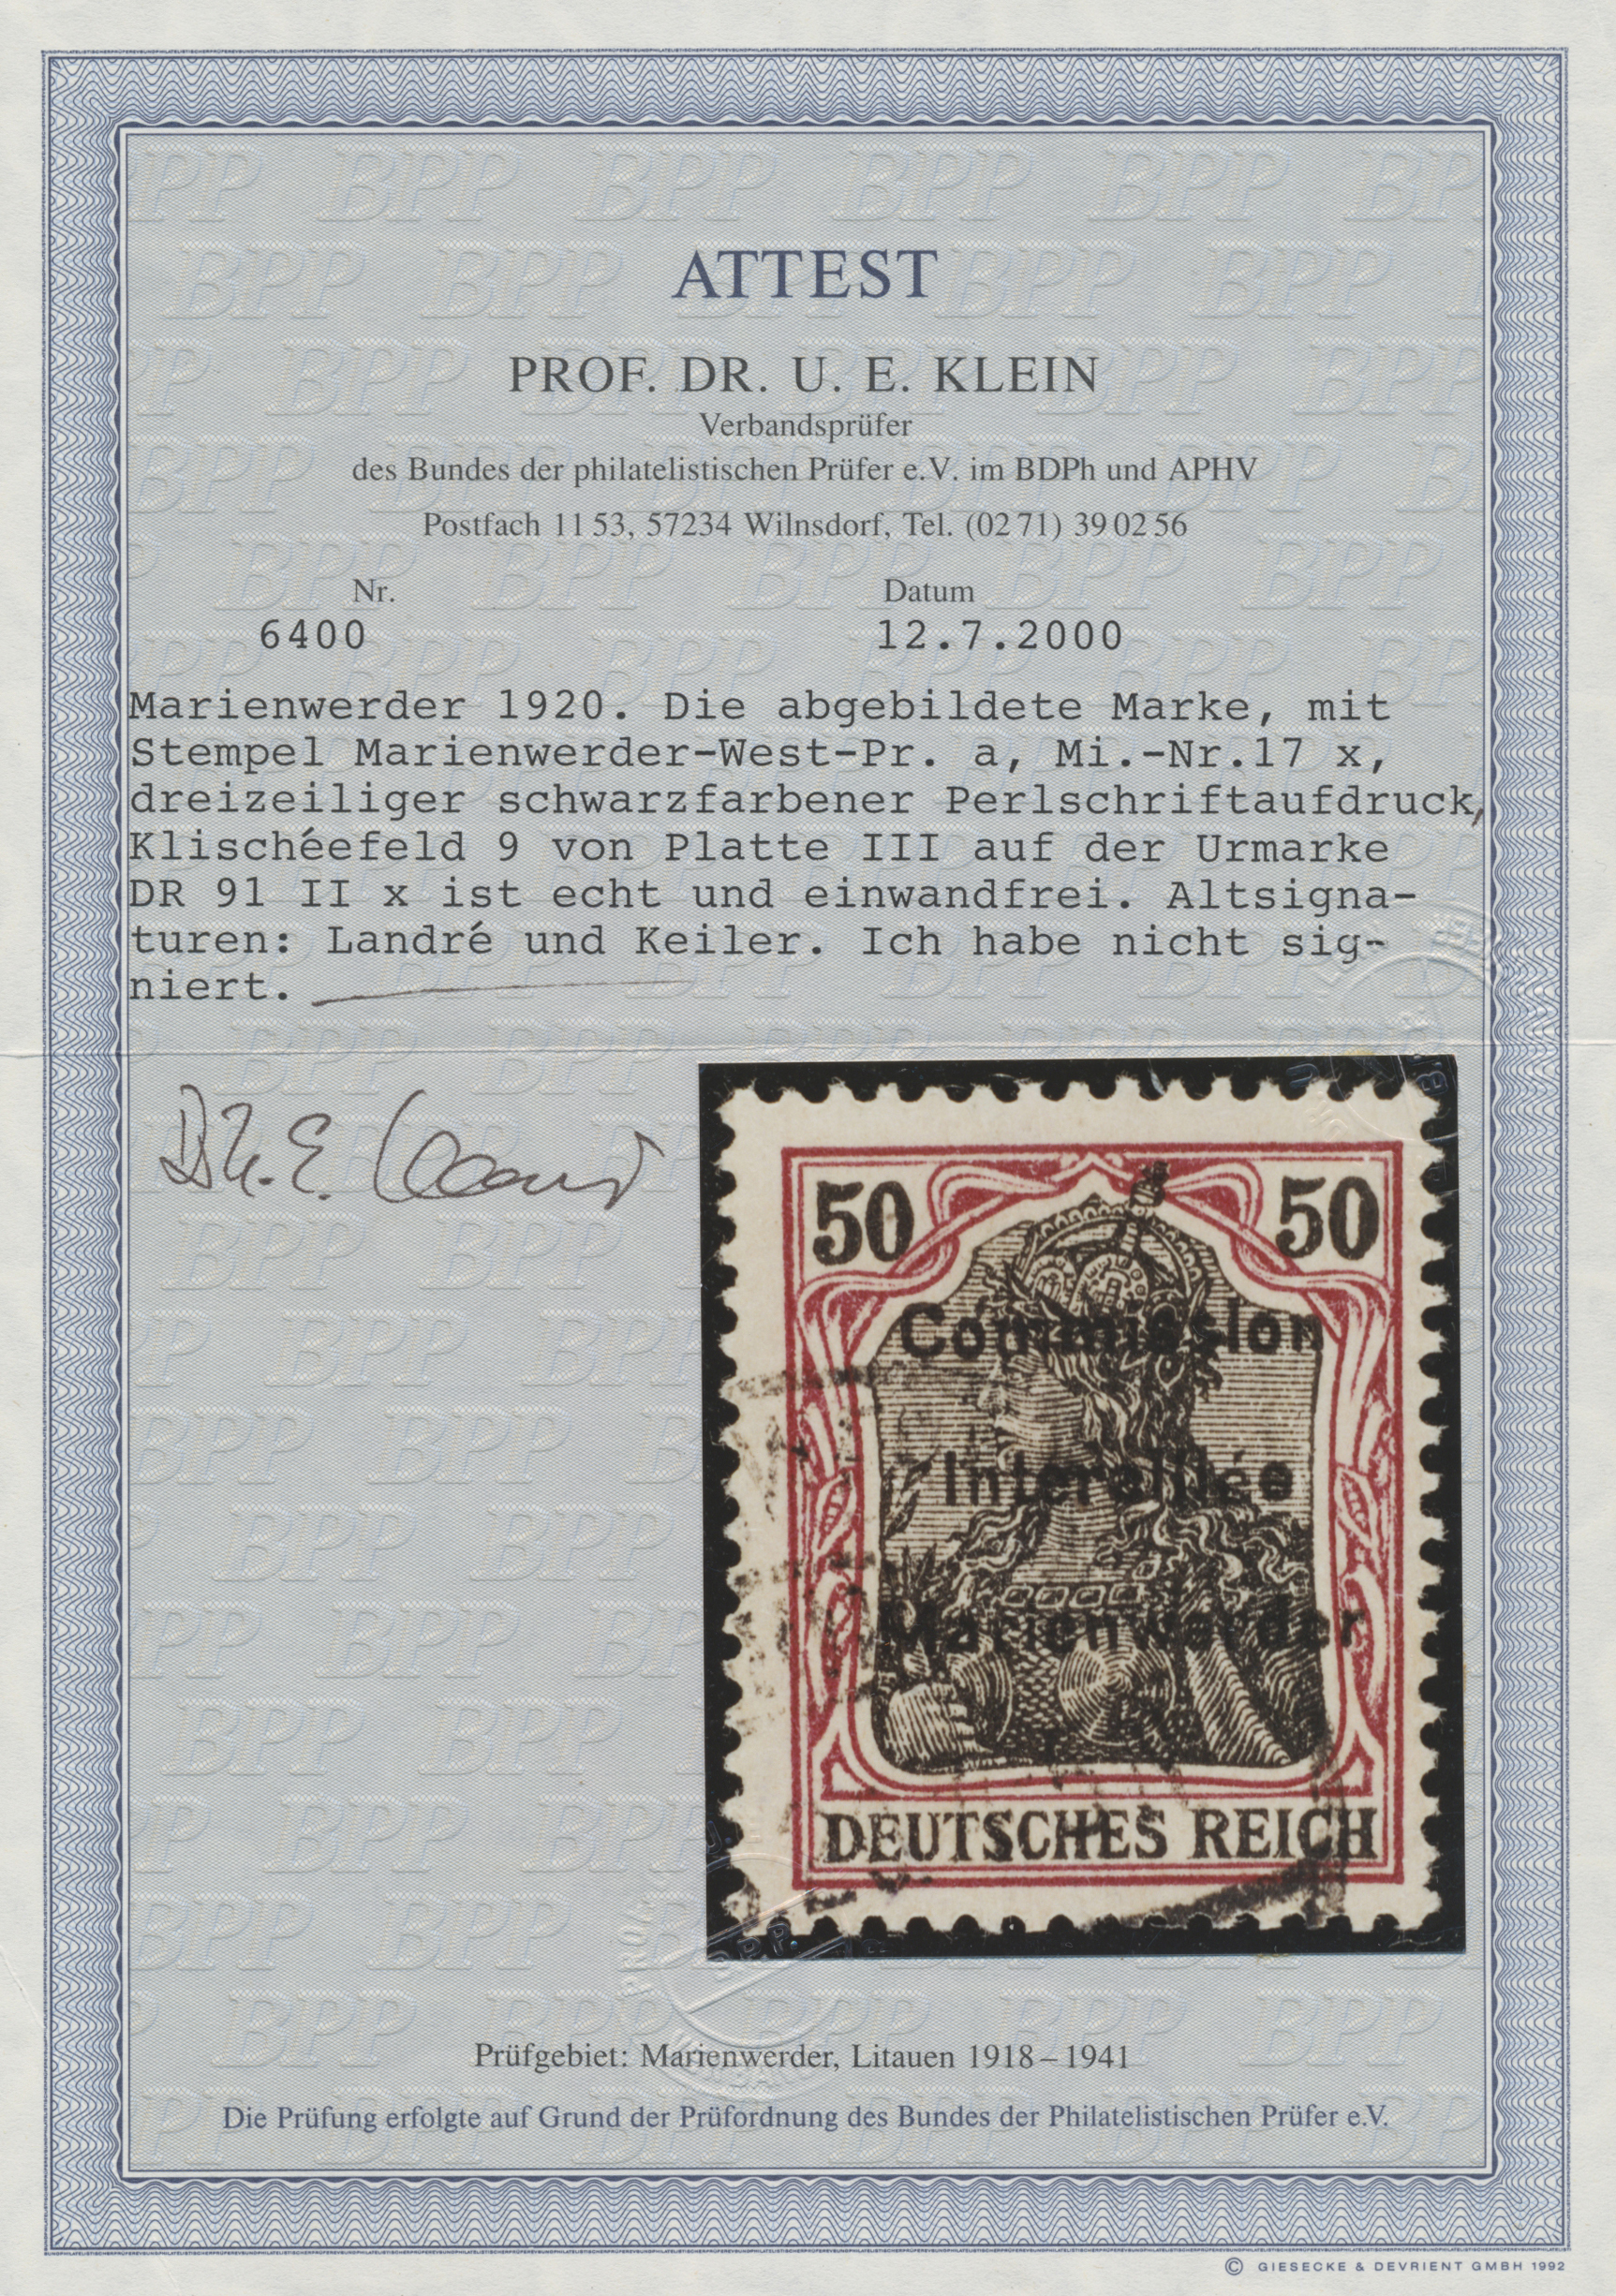 Lot 00023 - Deutsche Abstimmungsgebiete: Marienwerder  -  Auktionshaus Christoph Gärtner GmbH & Co. KG Sale #44 The PETER ZGONC COLLECTION